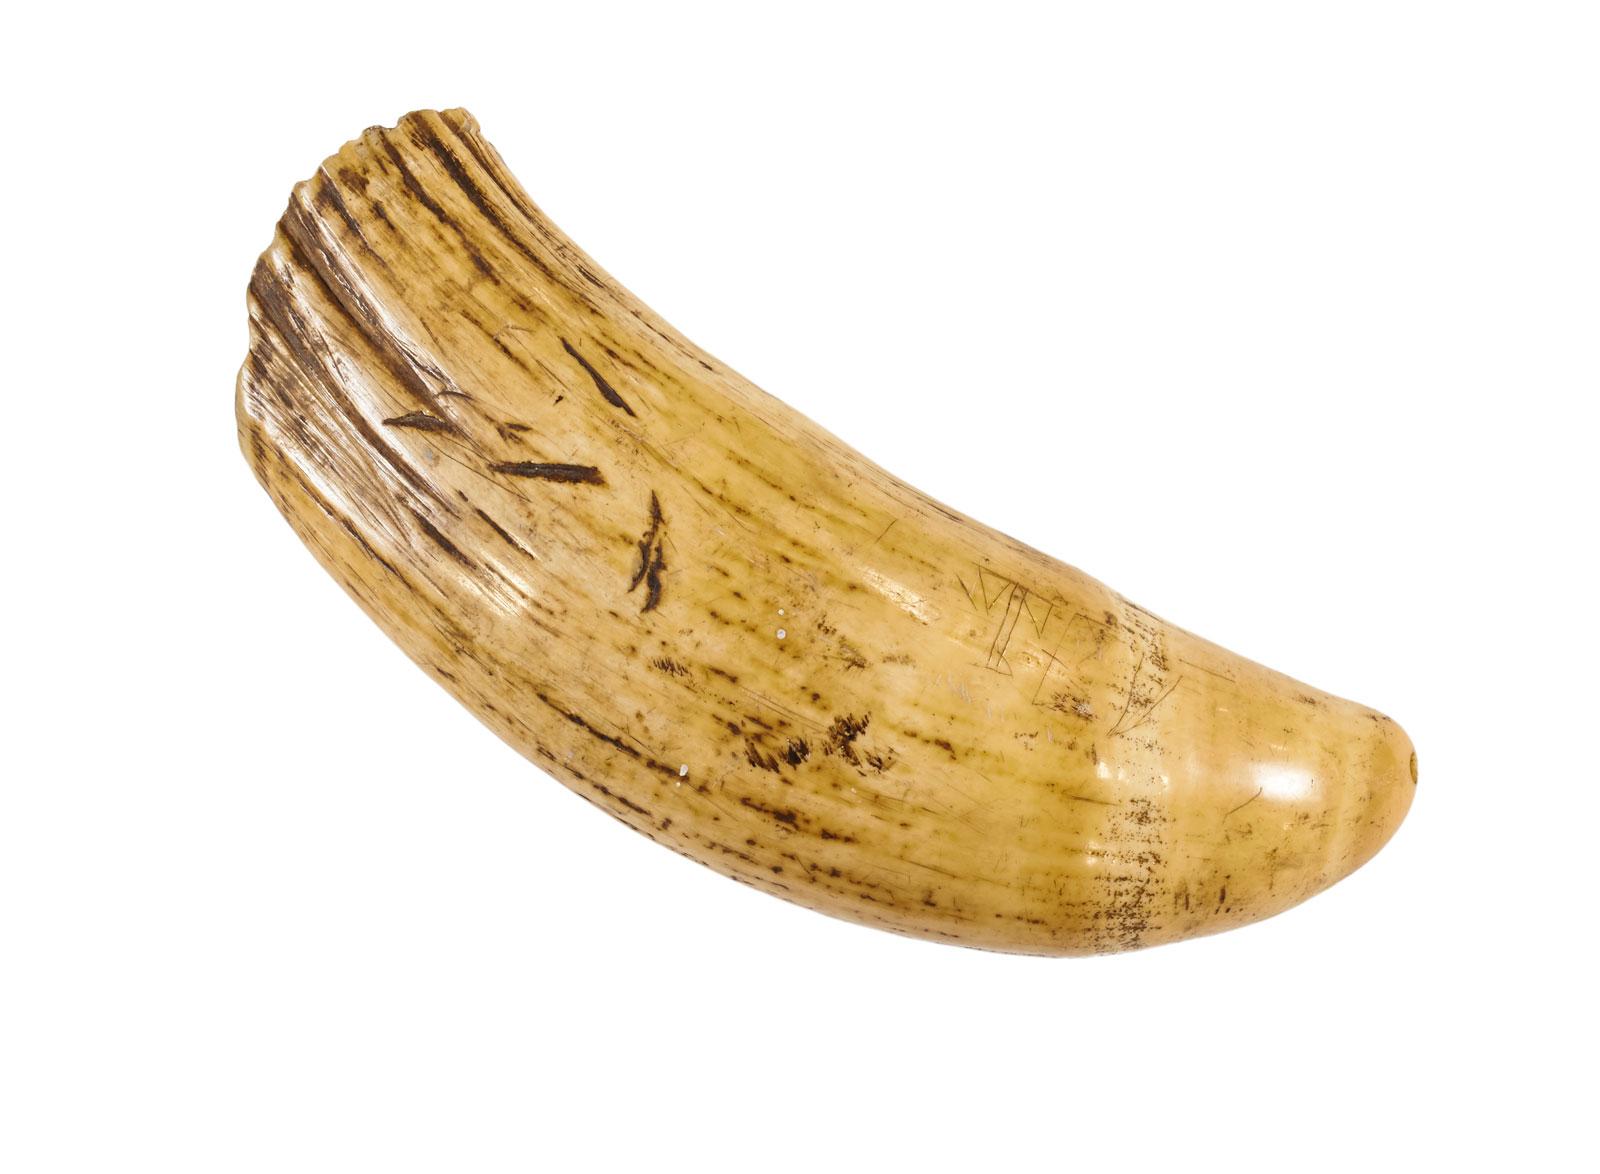 Marina Warner: Tabua/tooth, circa 1900